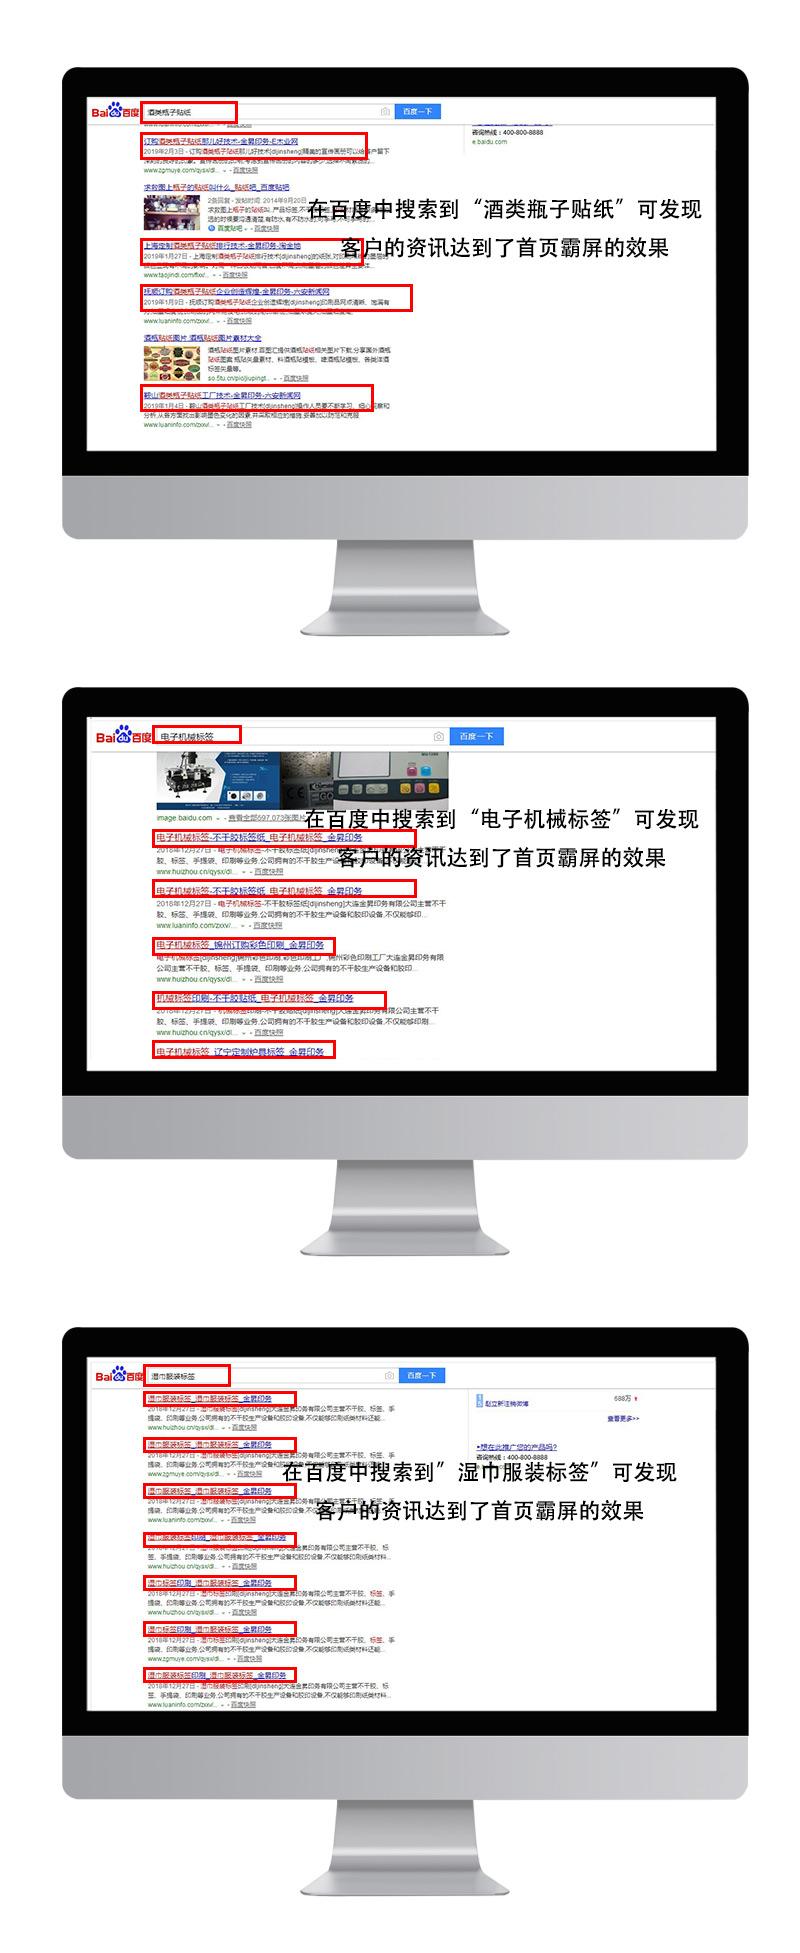 大连企业网站域名更改-合众商道